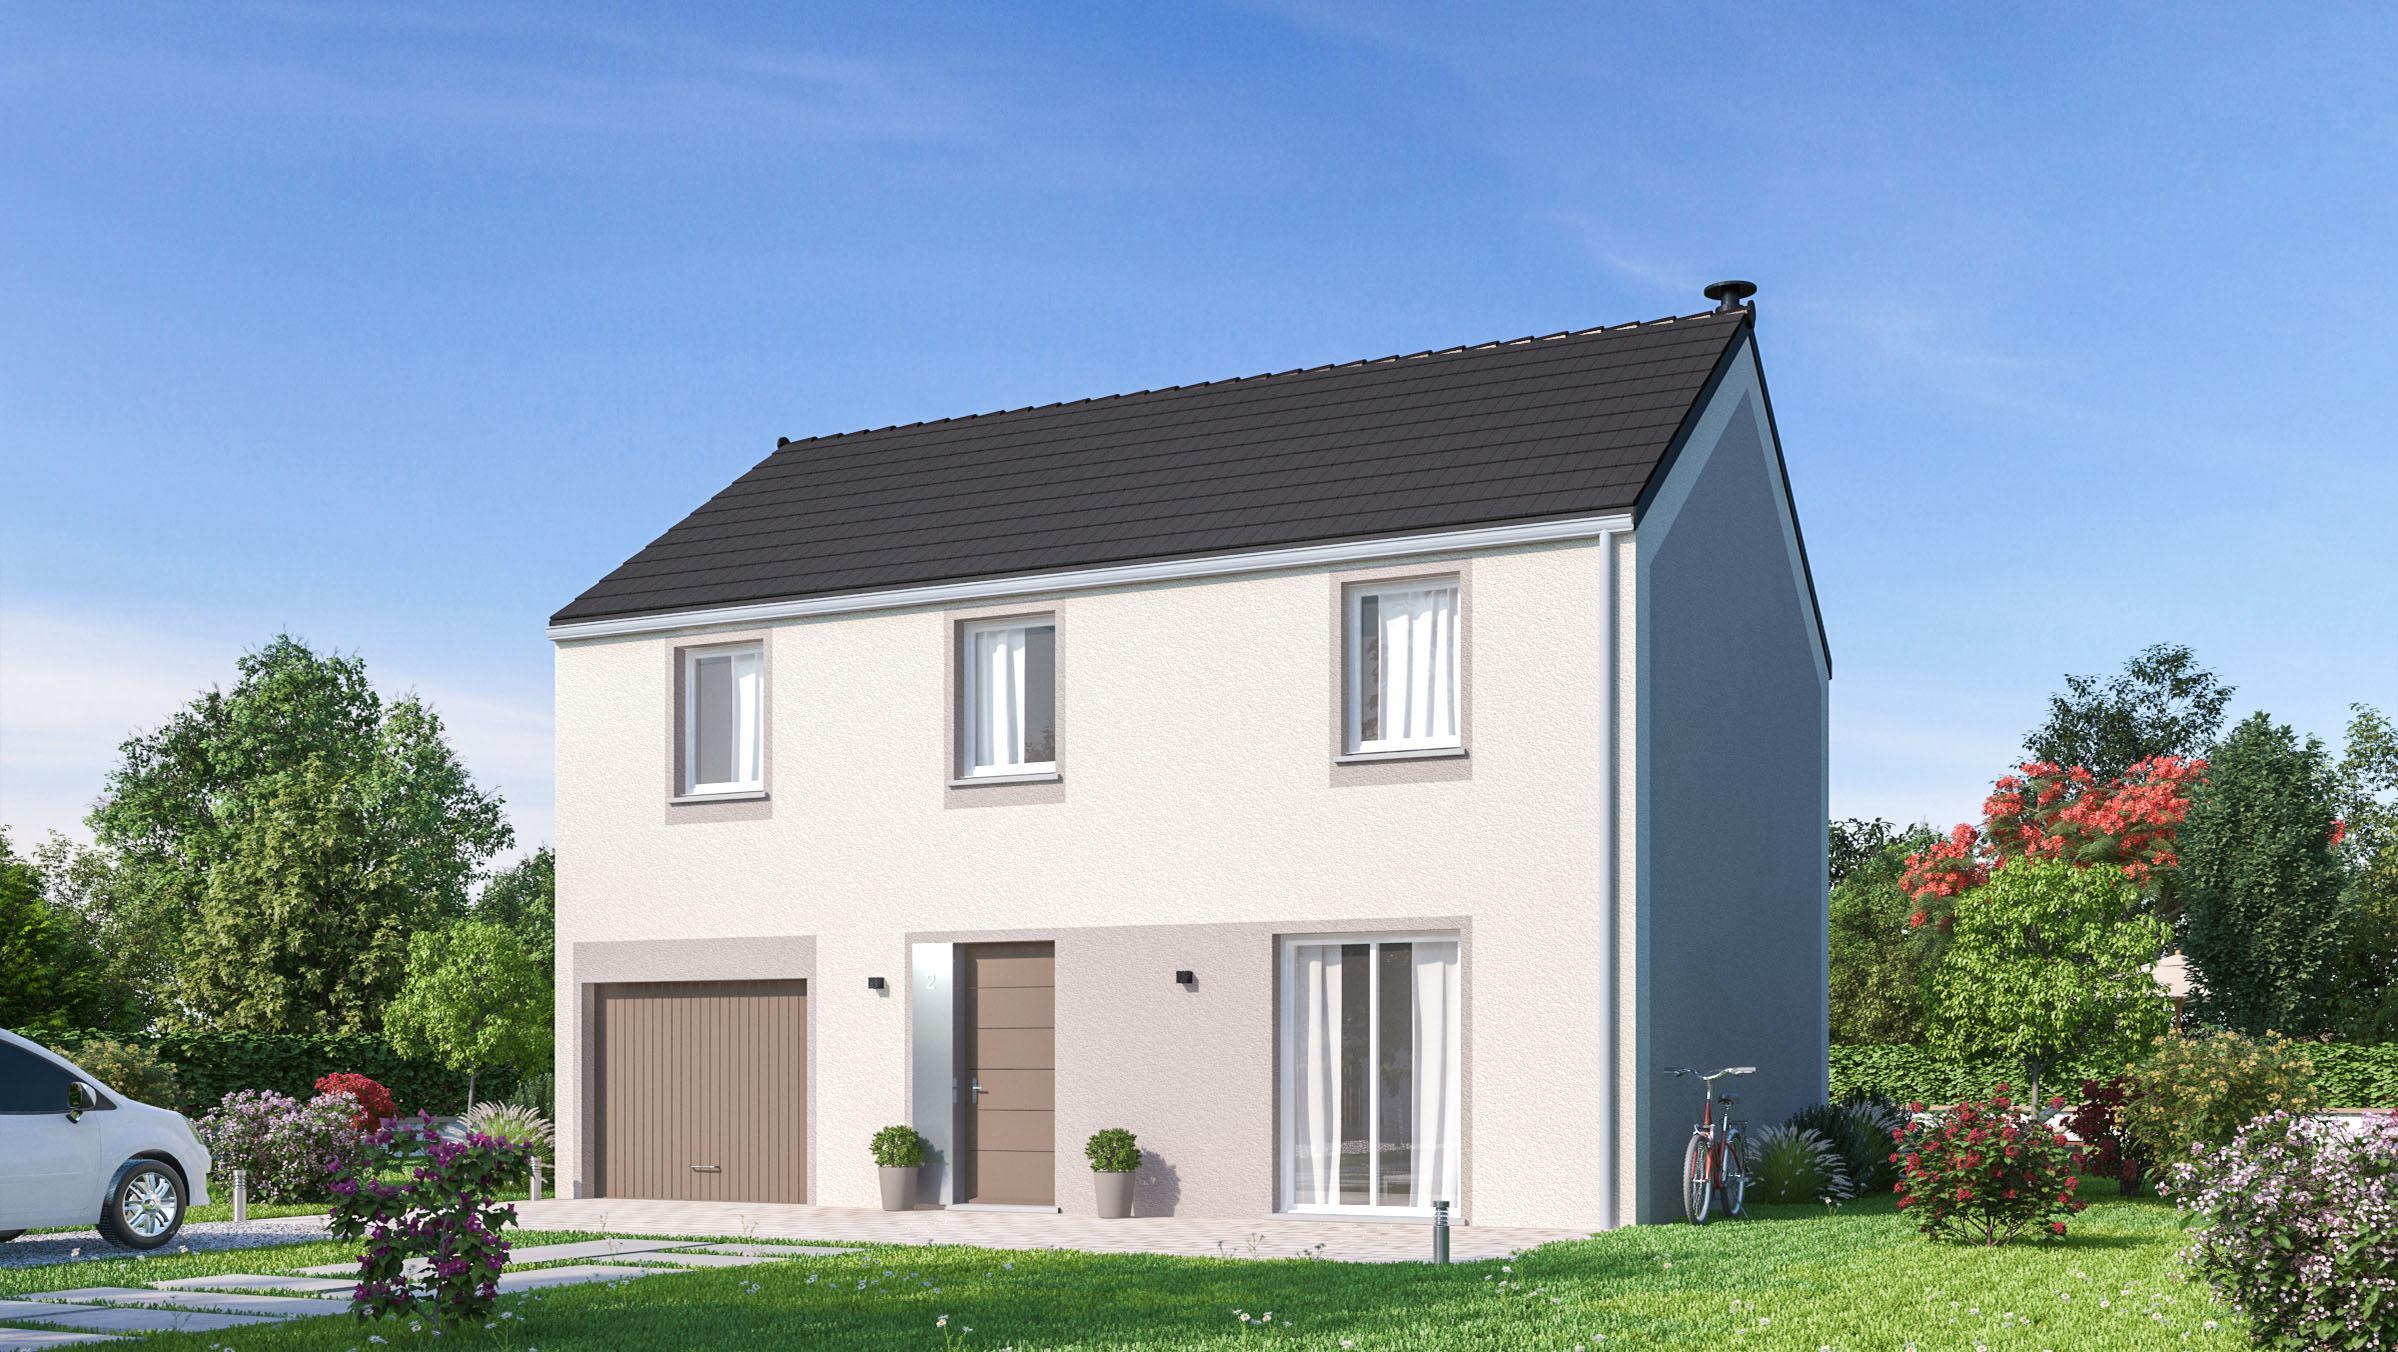 Maisons + Terrains du constructeur MAISONS PHENIX • 116 m² • COULOMMIERS